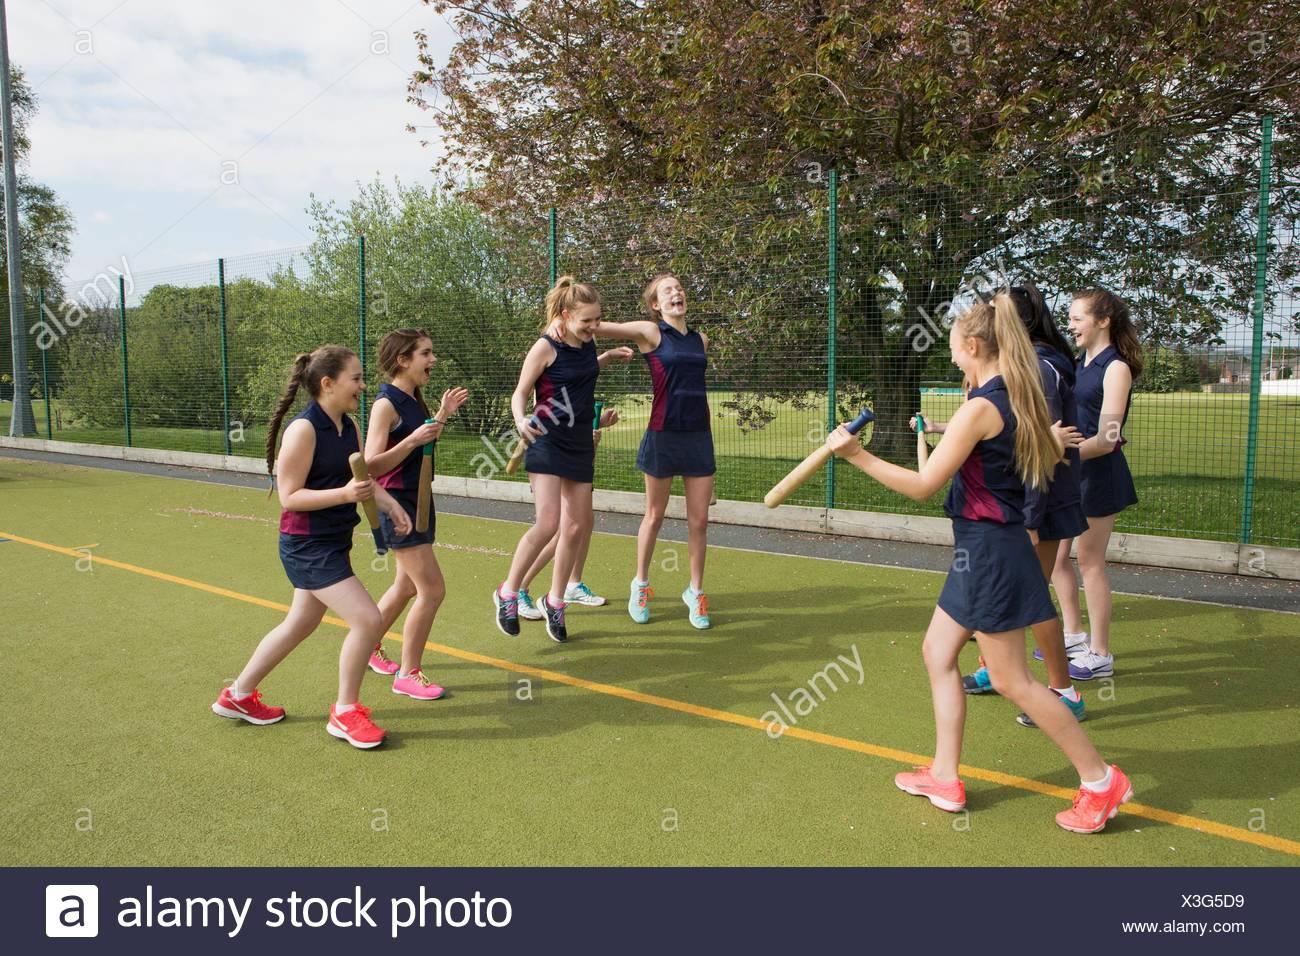 Grupo de niñas en el campo de deportes con rounders murciélagos Imagen De Stock